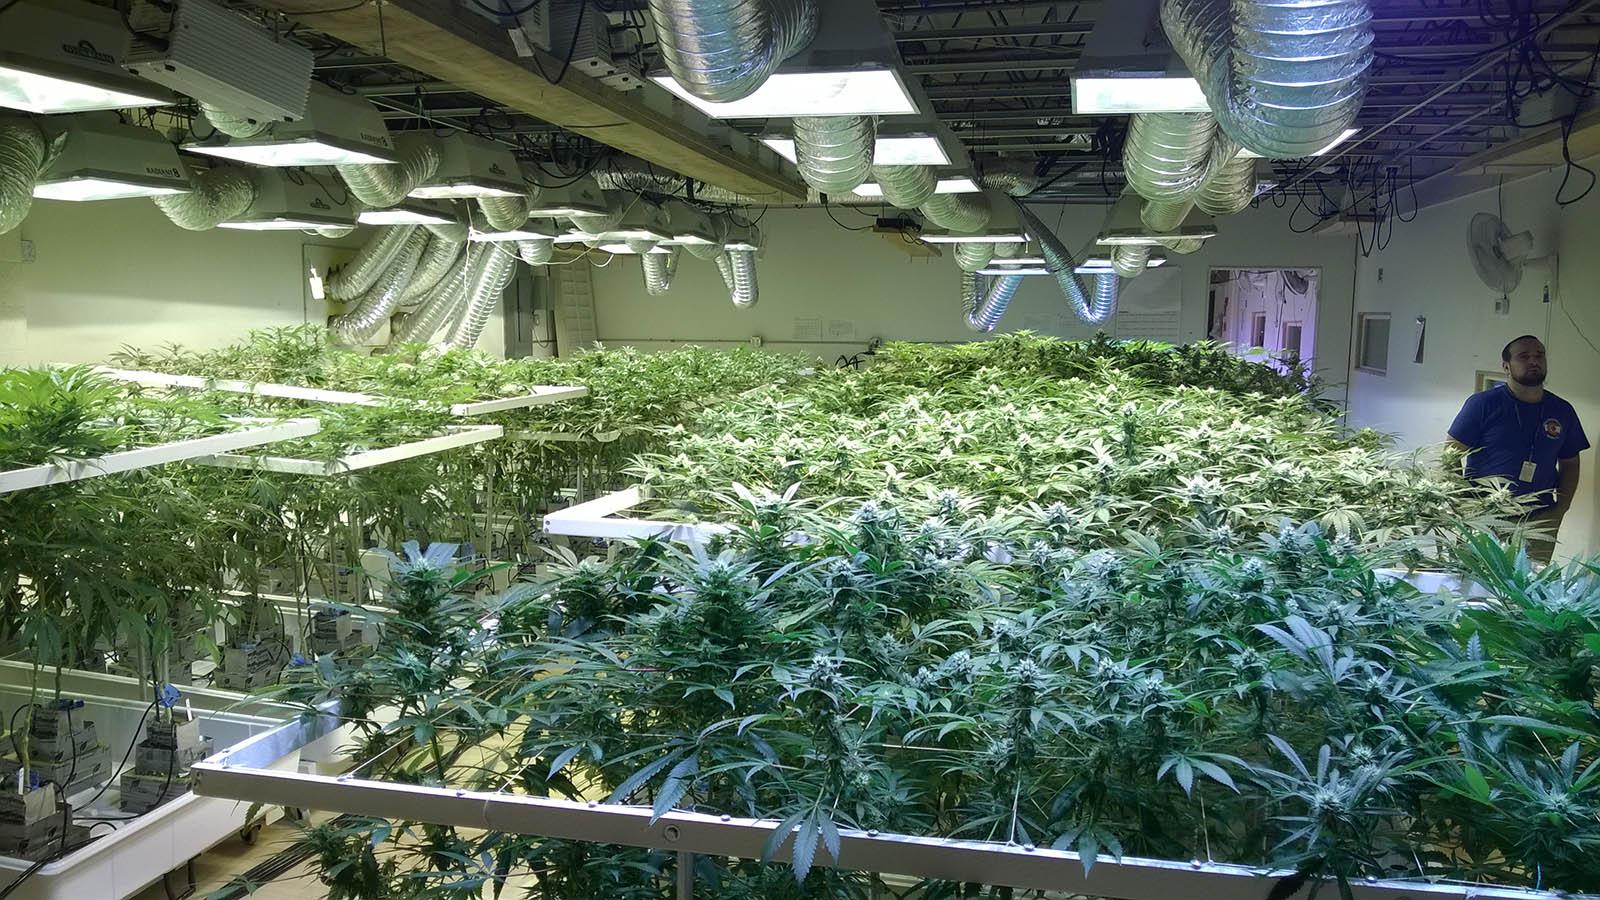 Sur la route de la l galisation voyage denver jour 2 for Culture cannabis interieur engrais